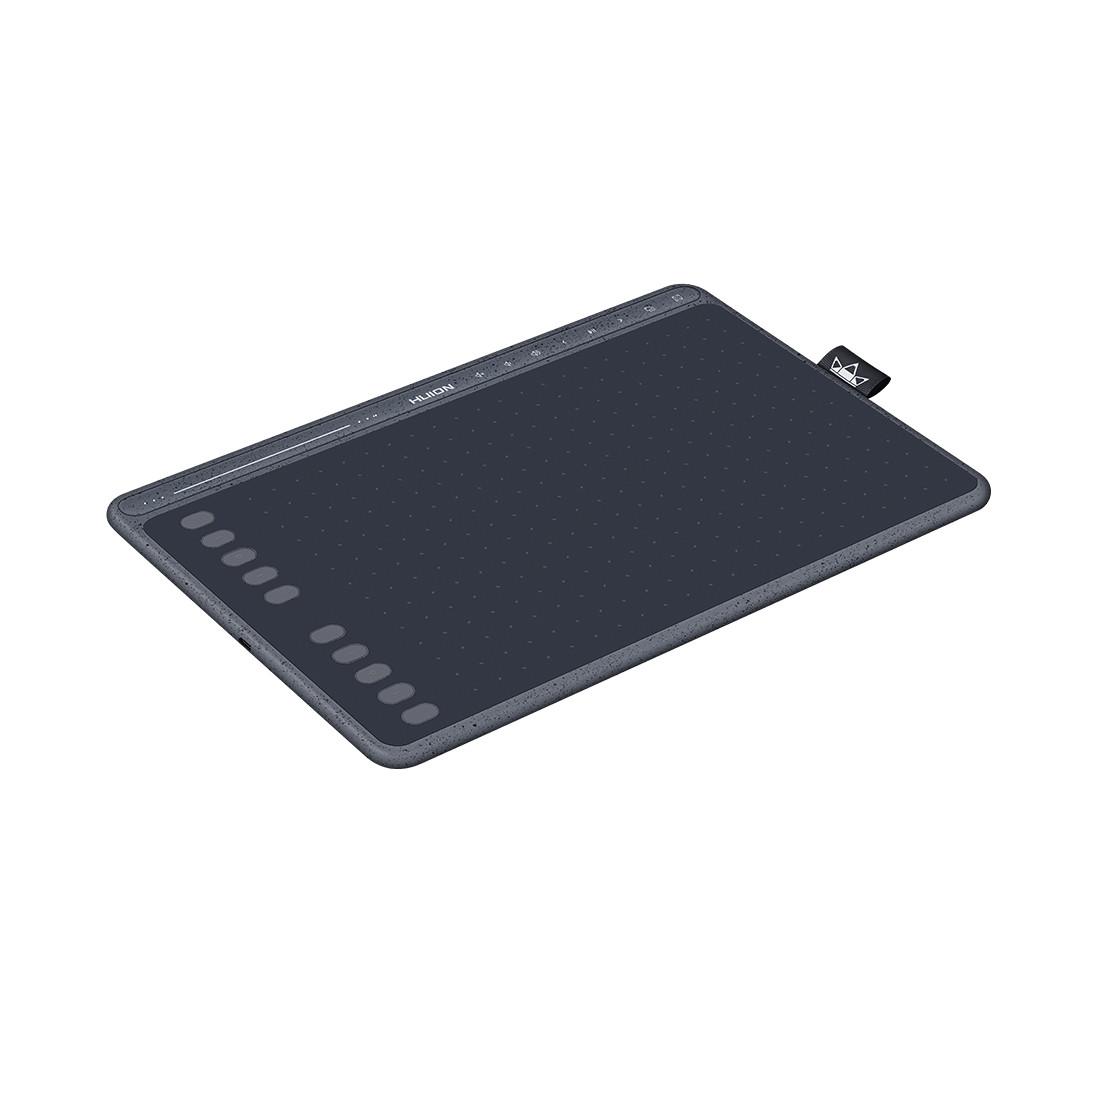 Графический планшет, Huion, HS611